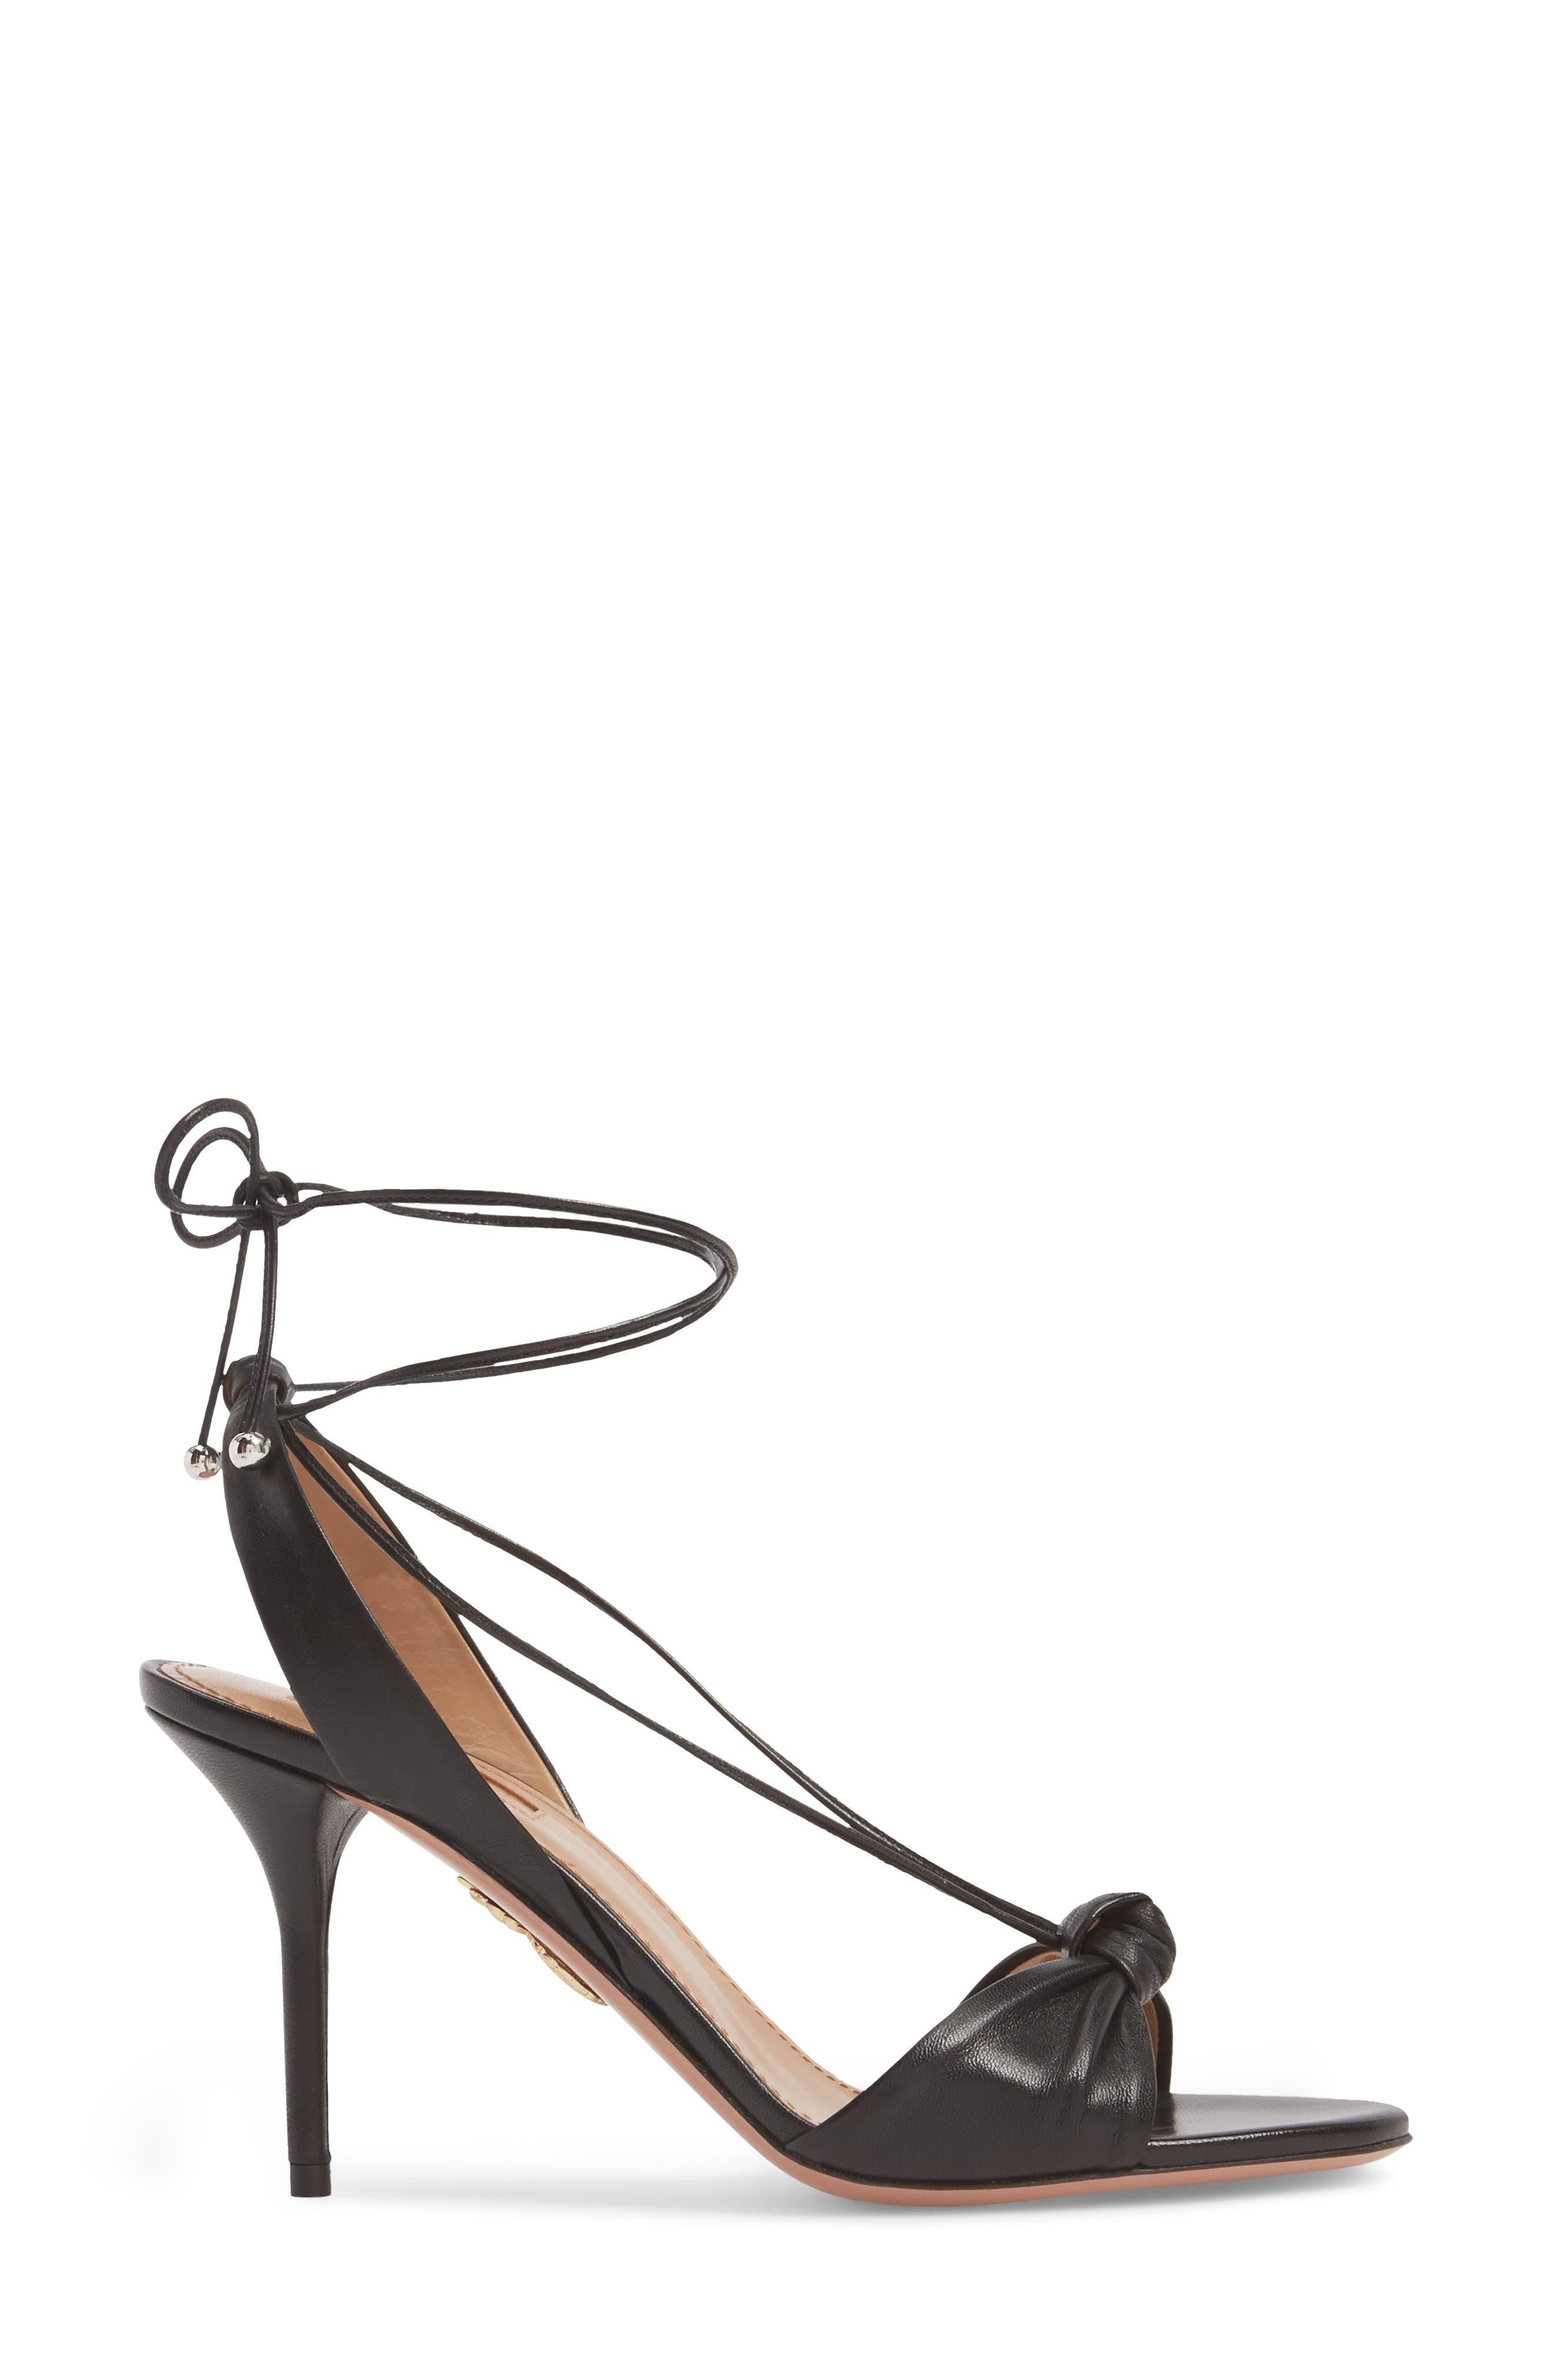 Virginie Lace-Up Sandal,                             Alternate thumbnail 3, color,                             BLACK